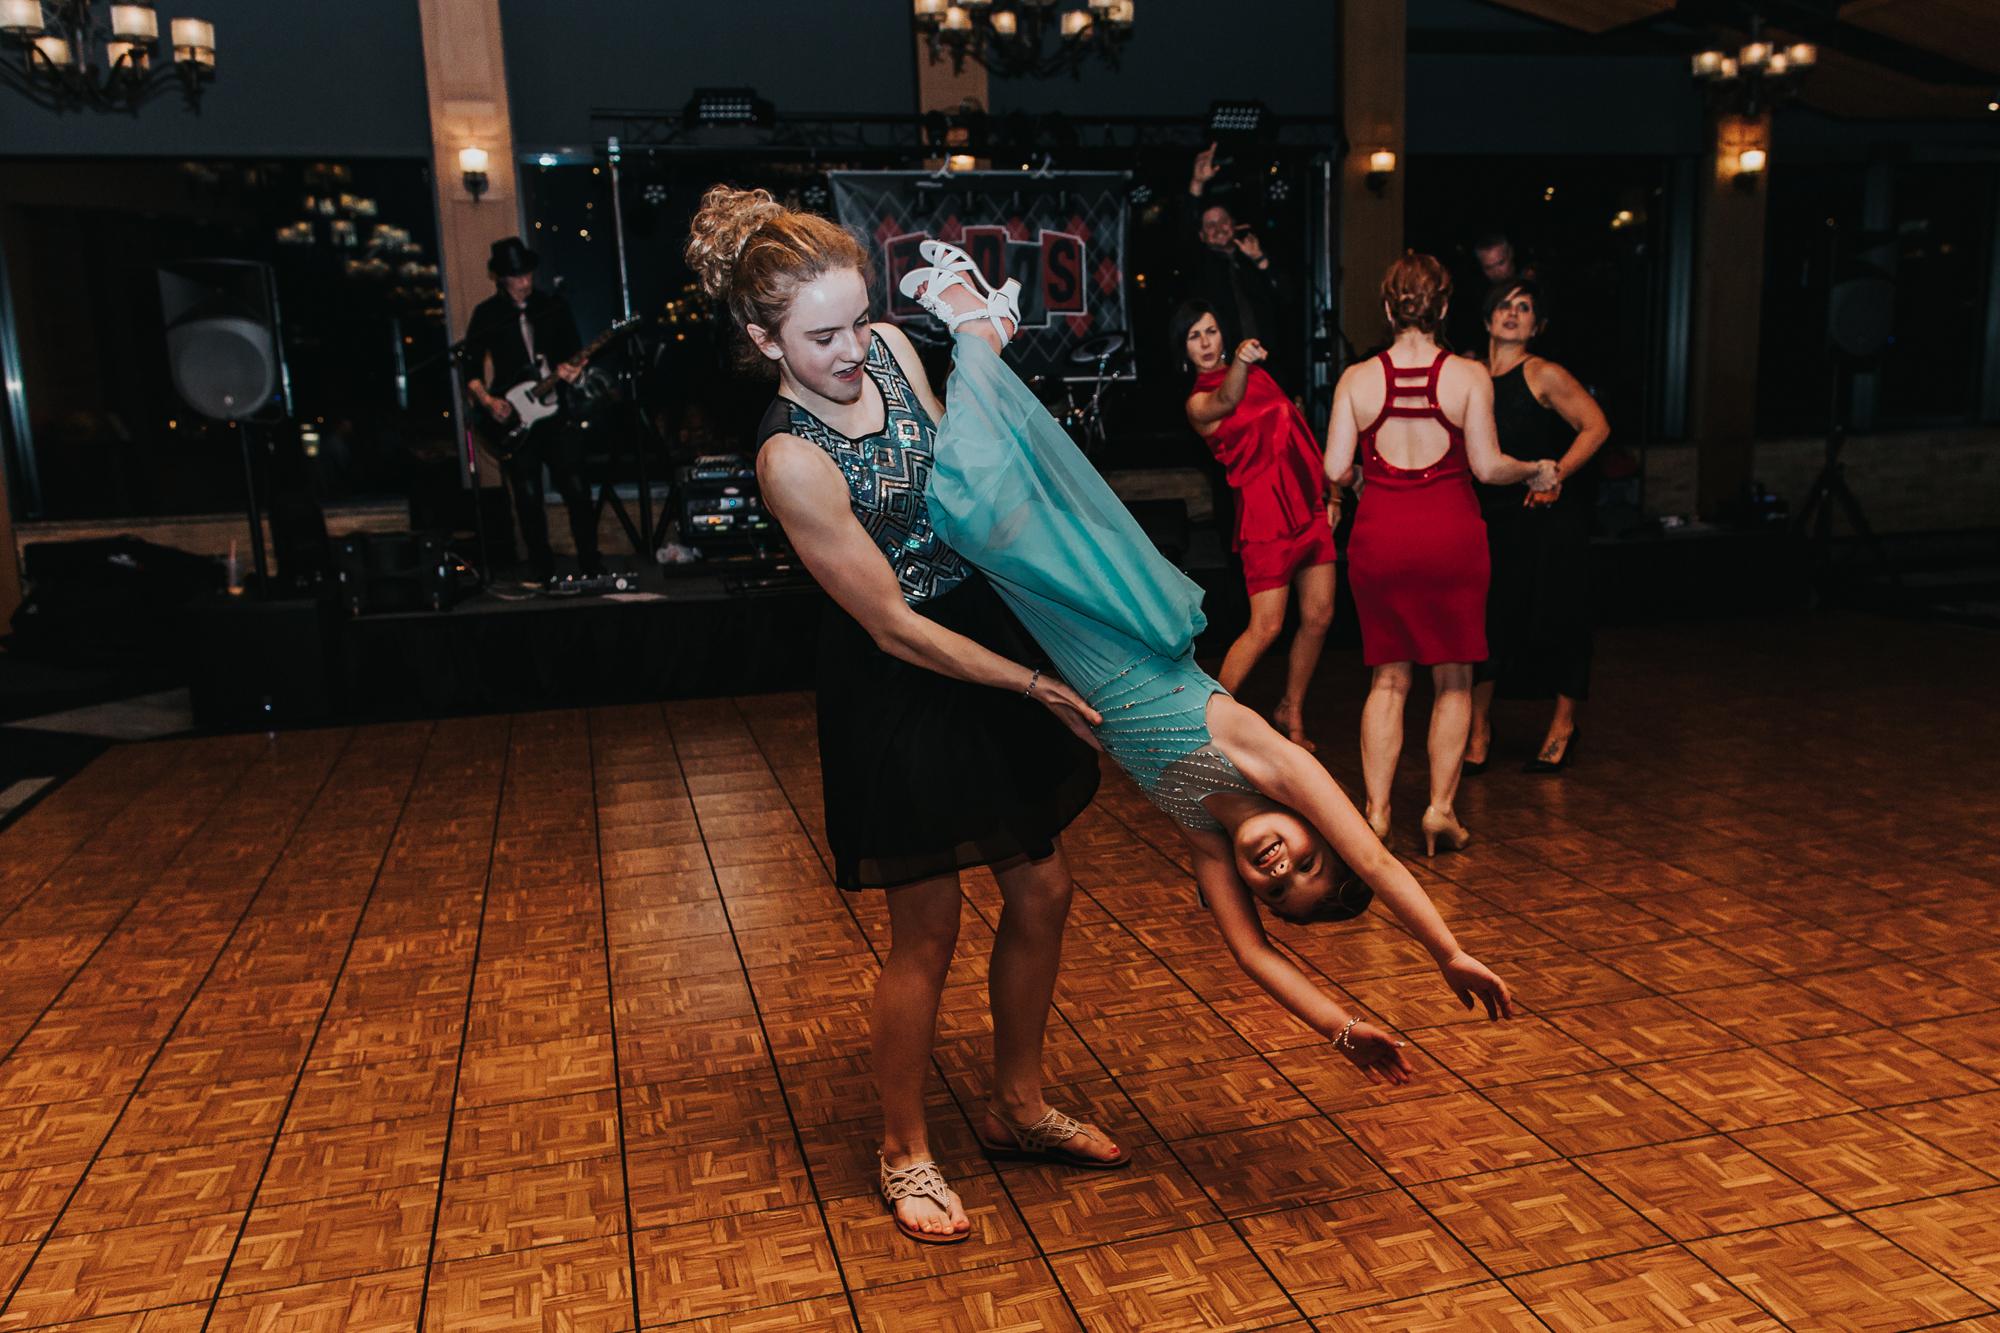 poconos-pa-wedding-reception-photography